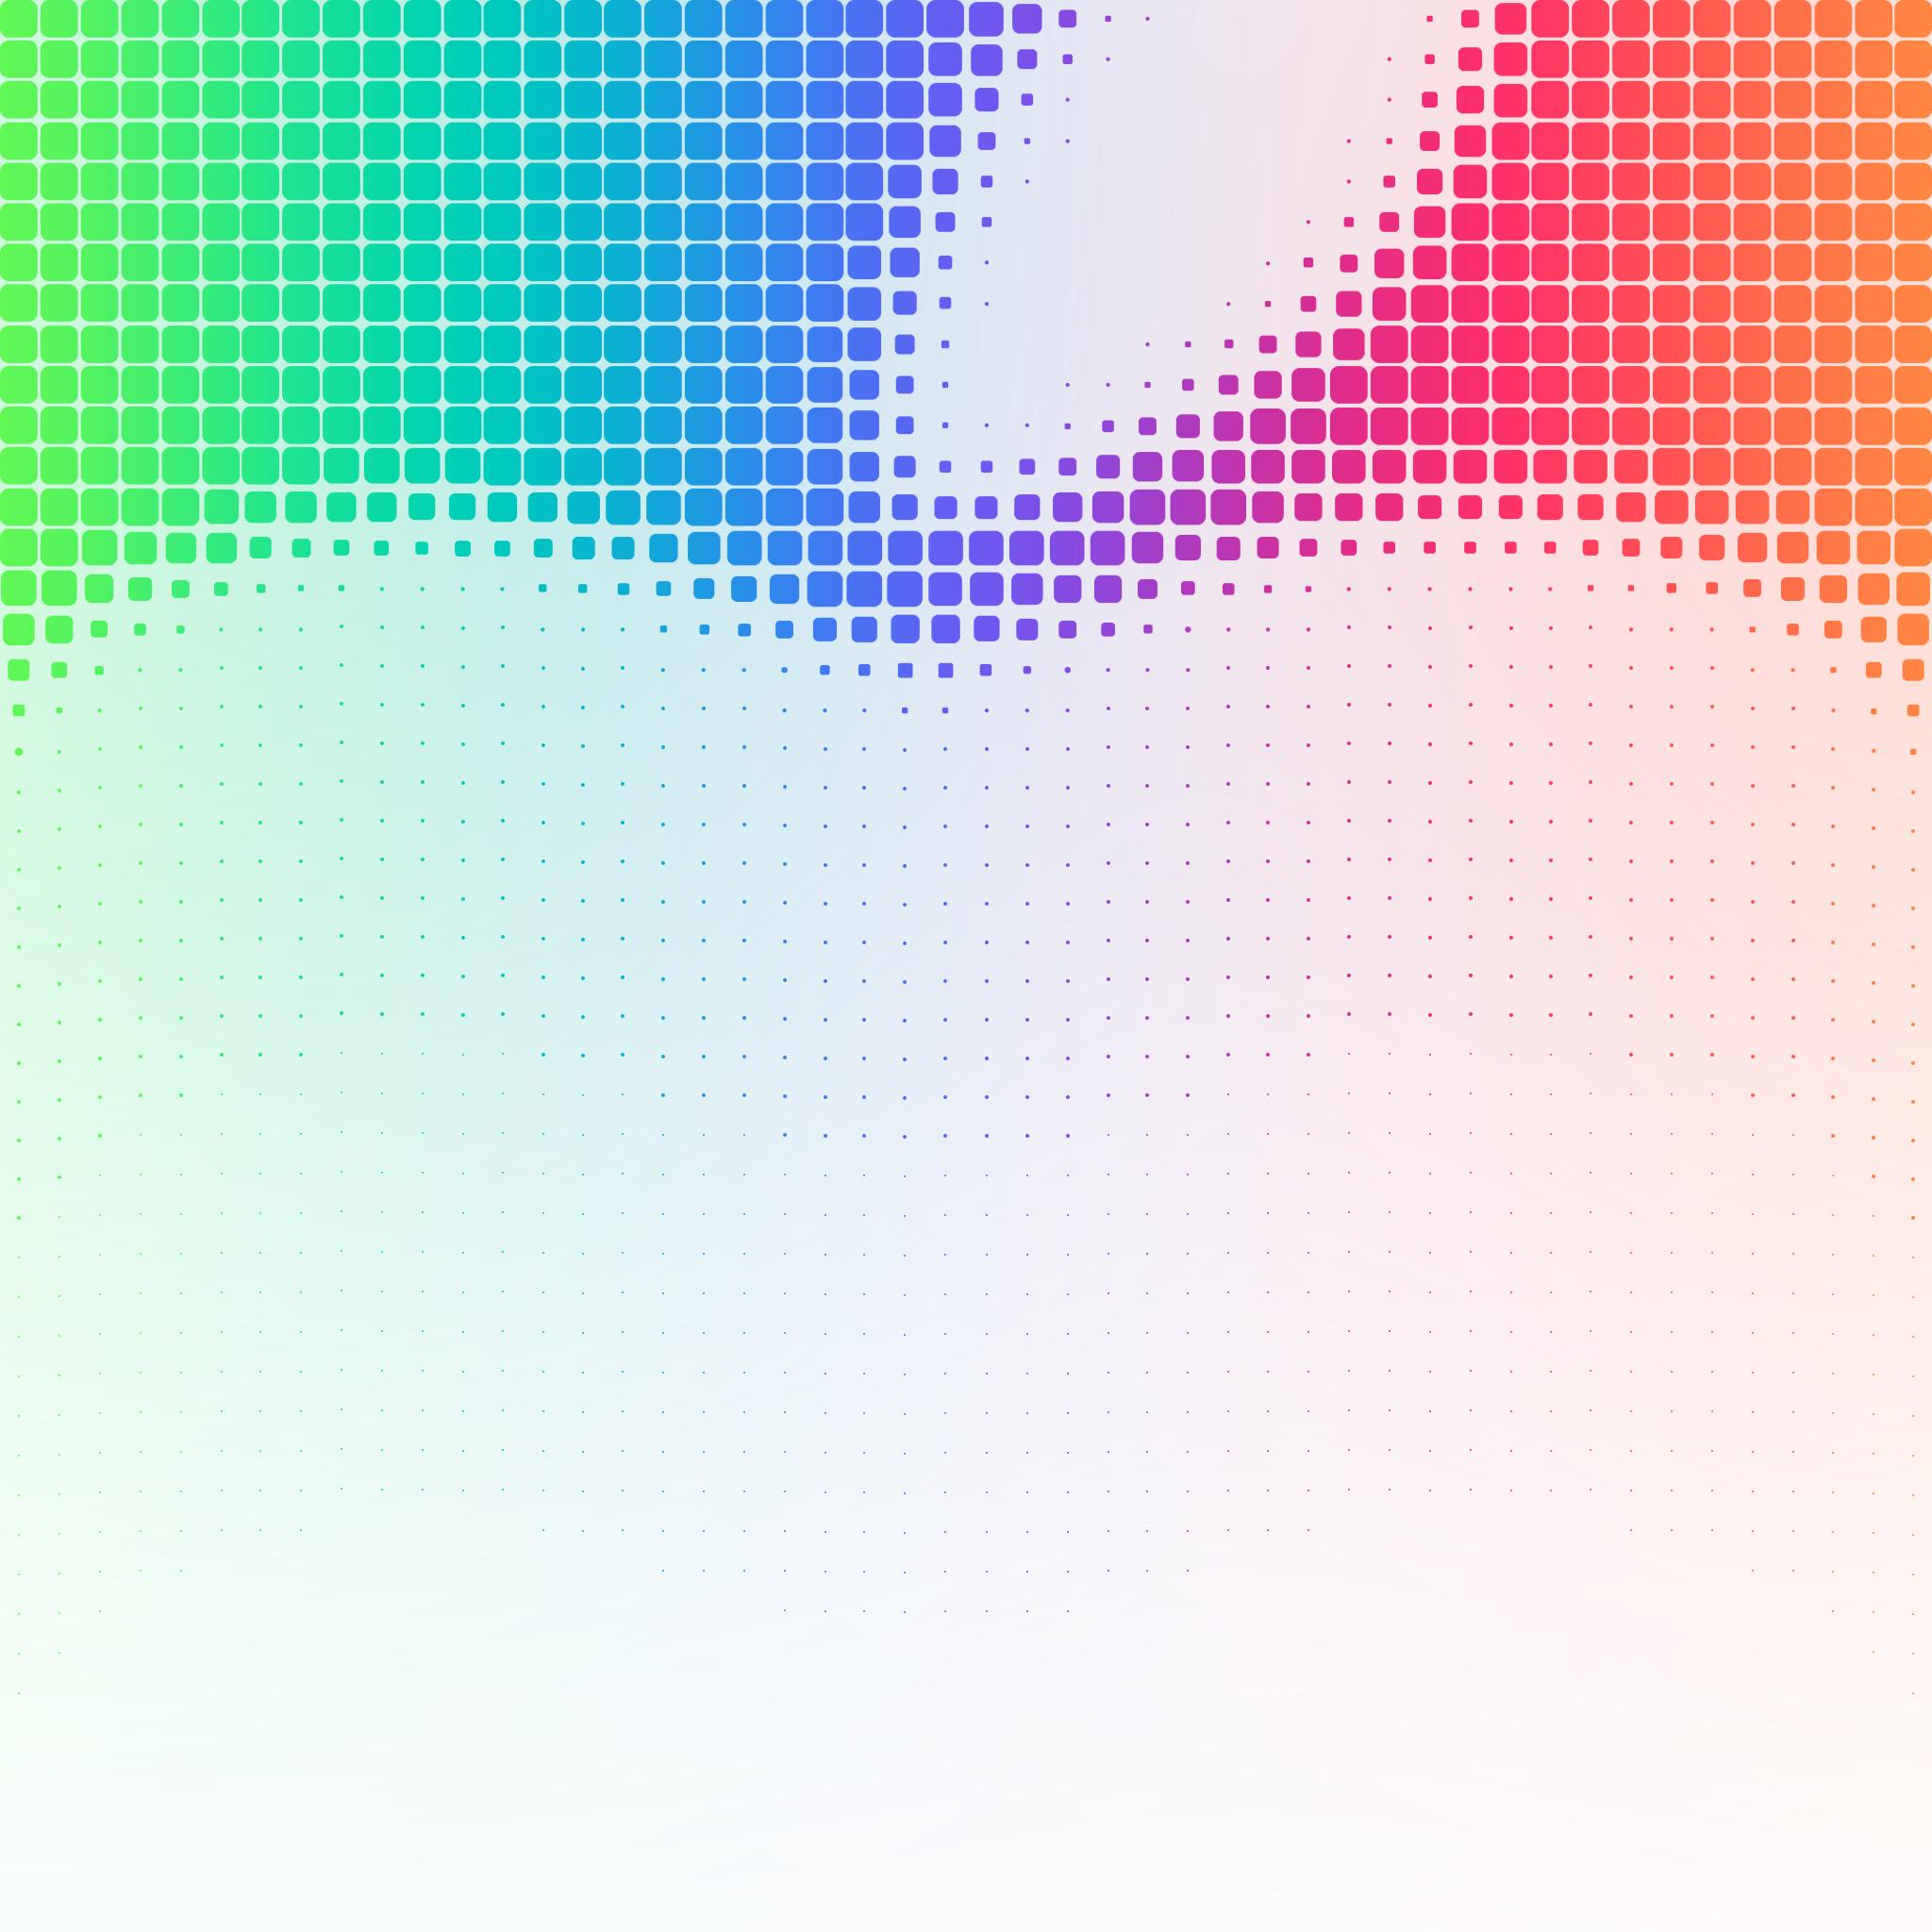 Wwdc 2014 Gratis Gli Sfondi Dellevento Per Iphone Ipad E Mac